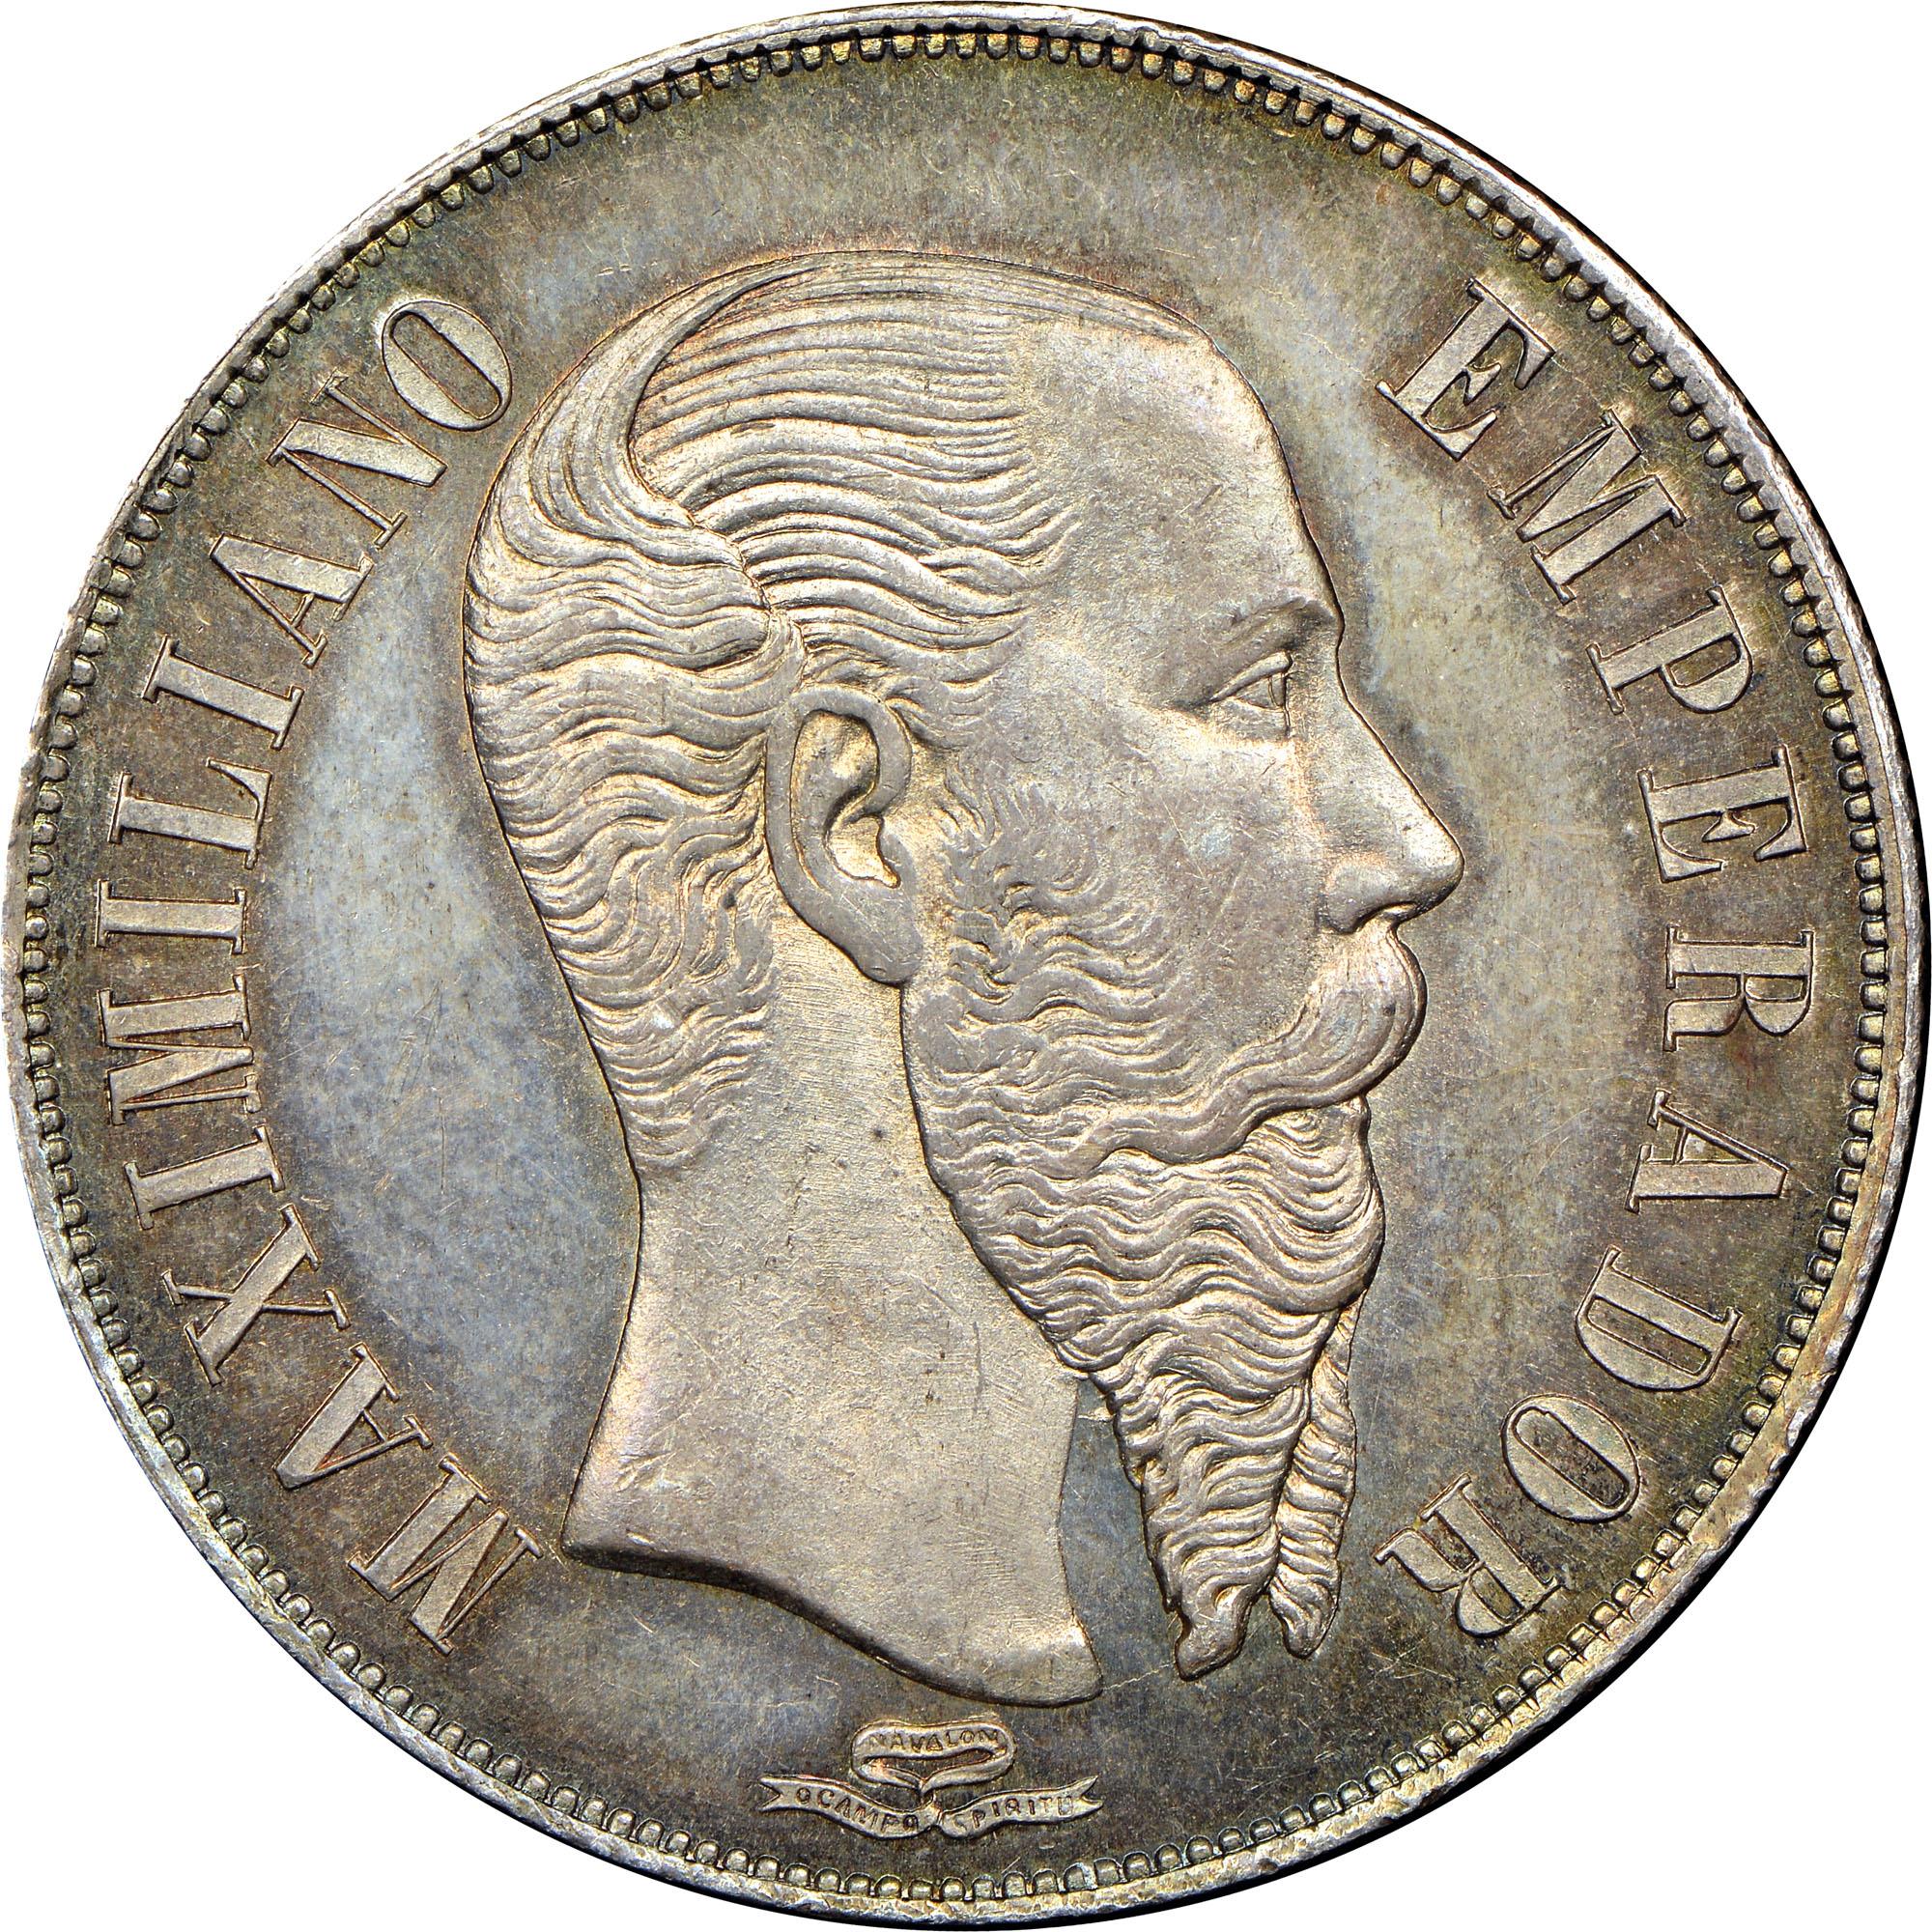 Mexico EMPIRE OF MAXIMILIAN Peso obverse